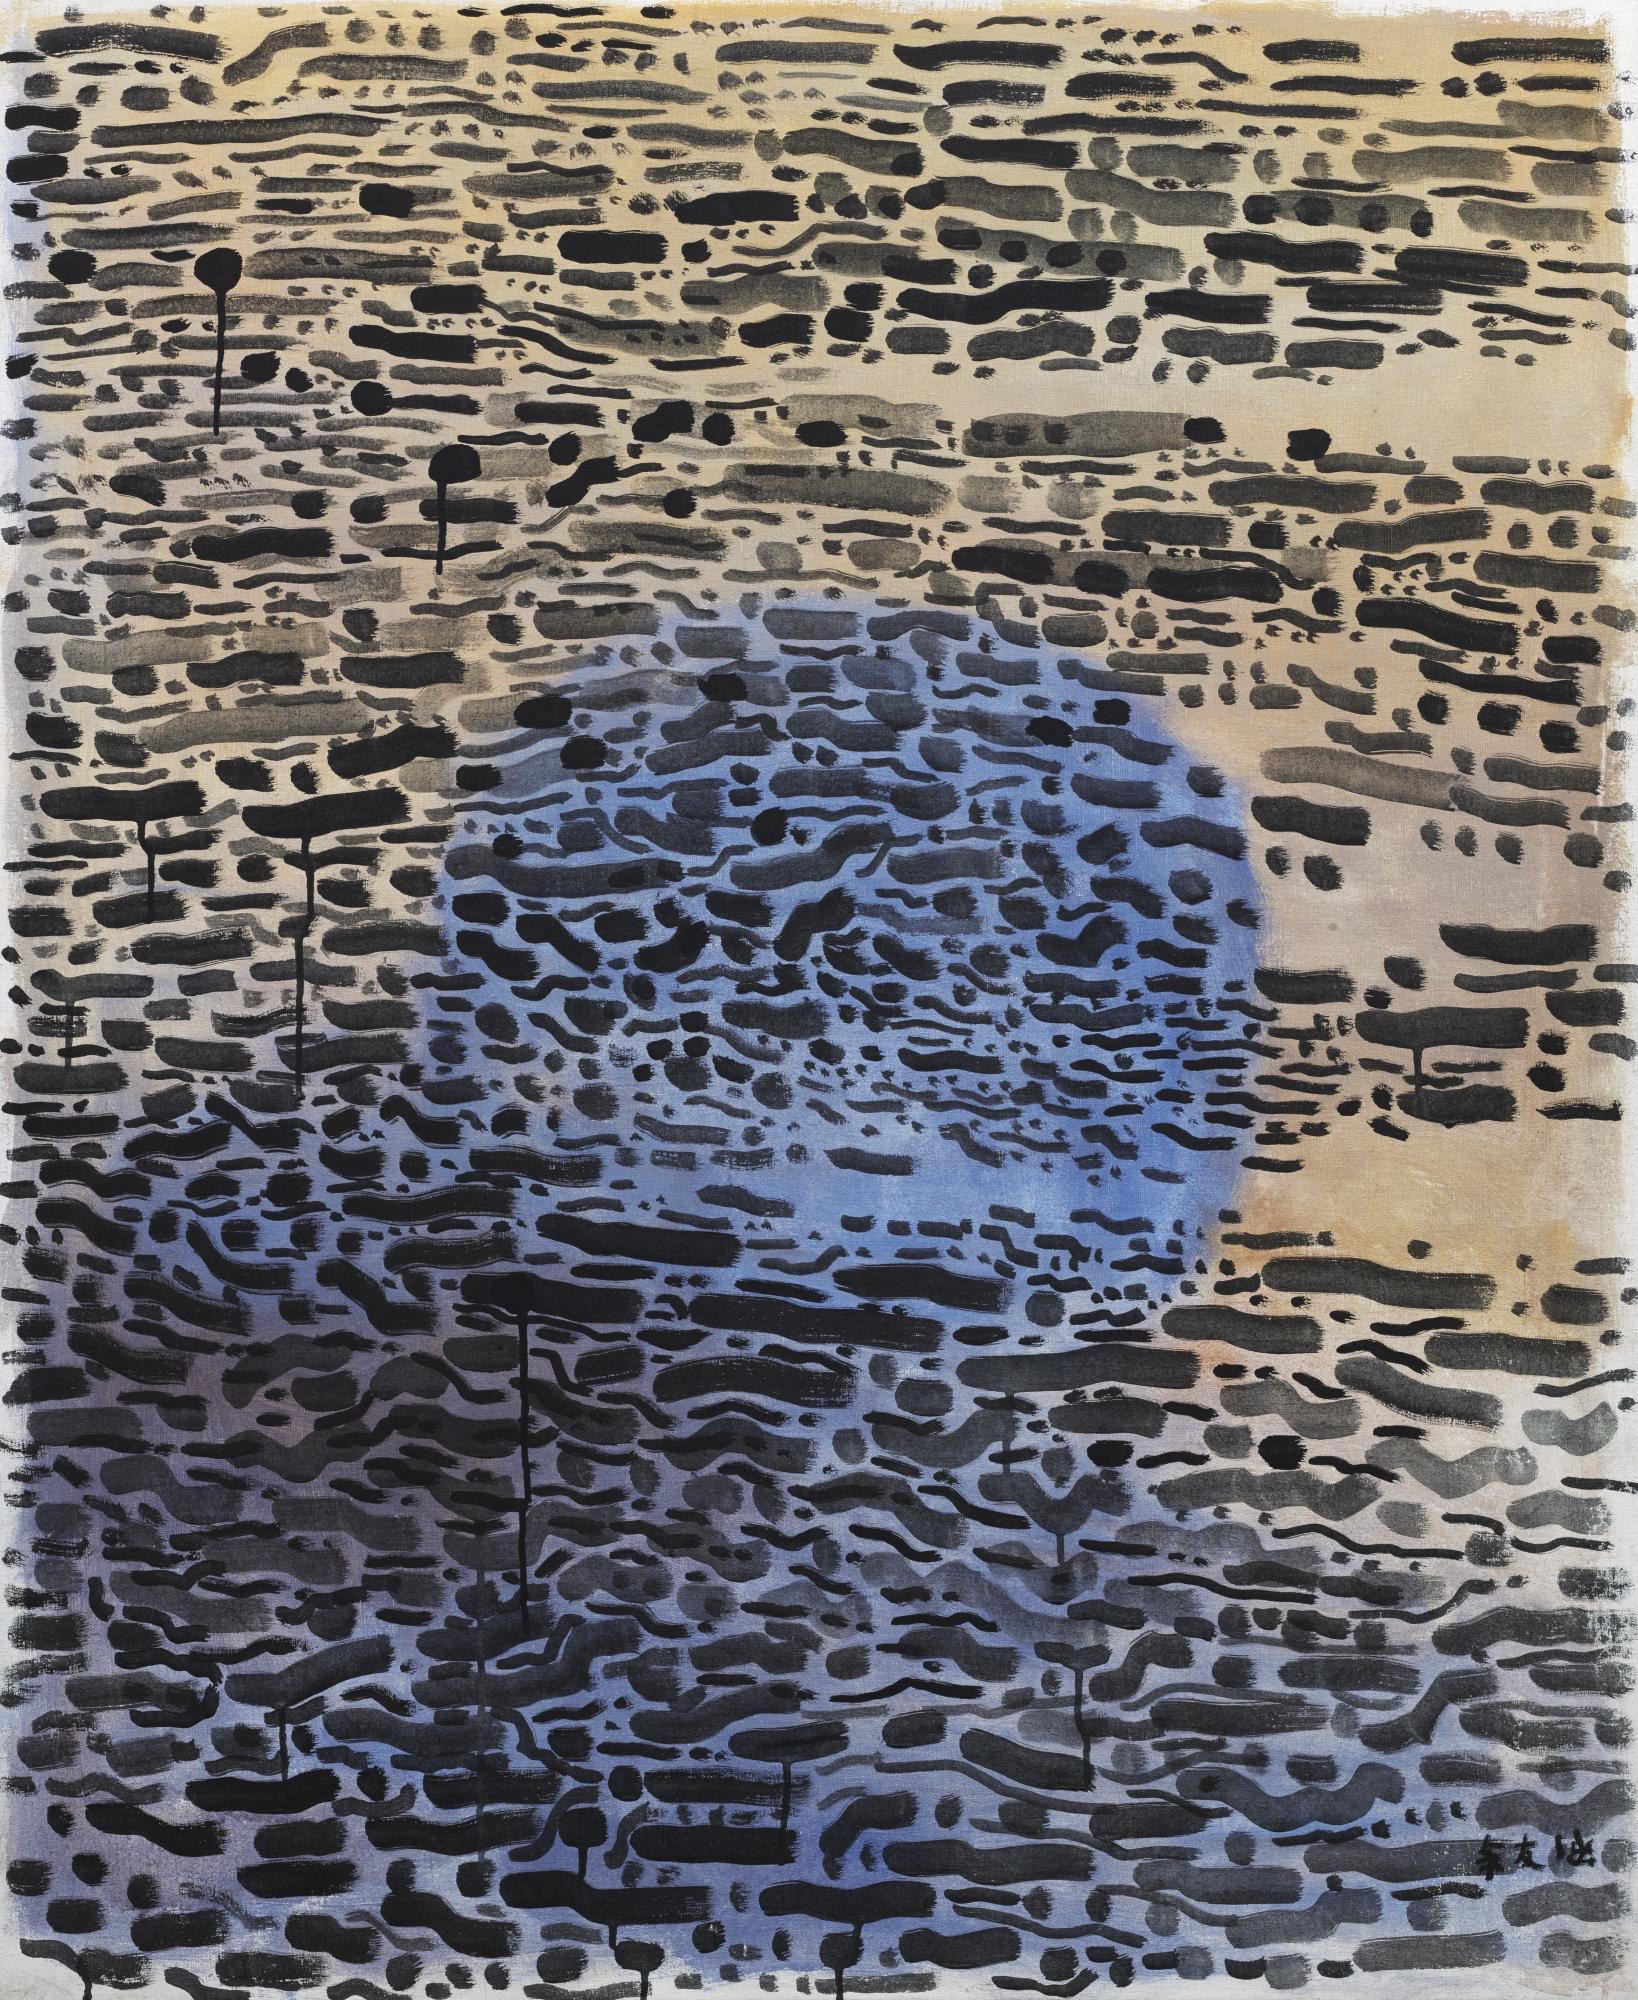 Yu Youhan-Circle-1990